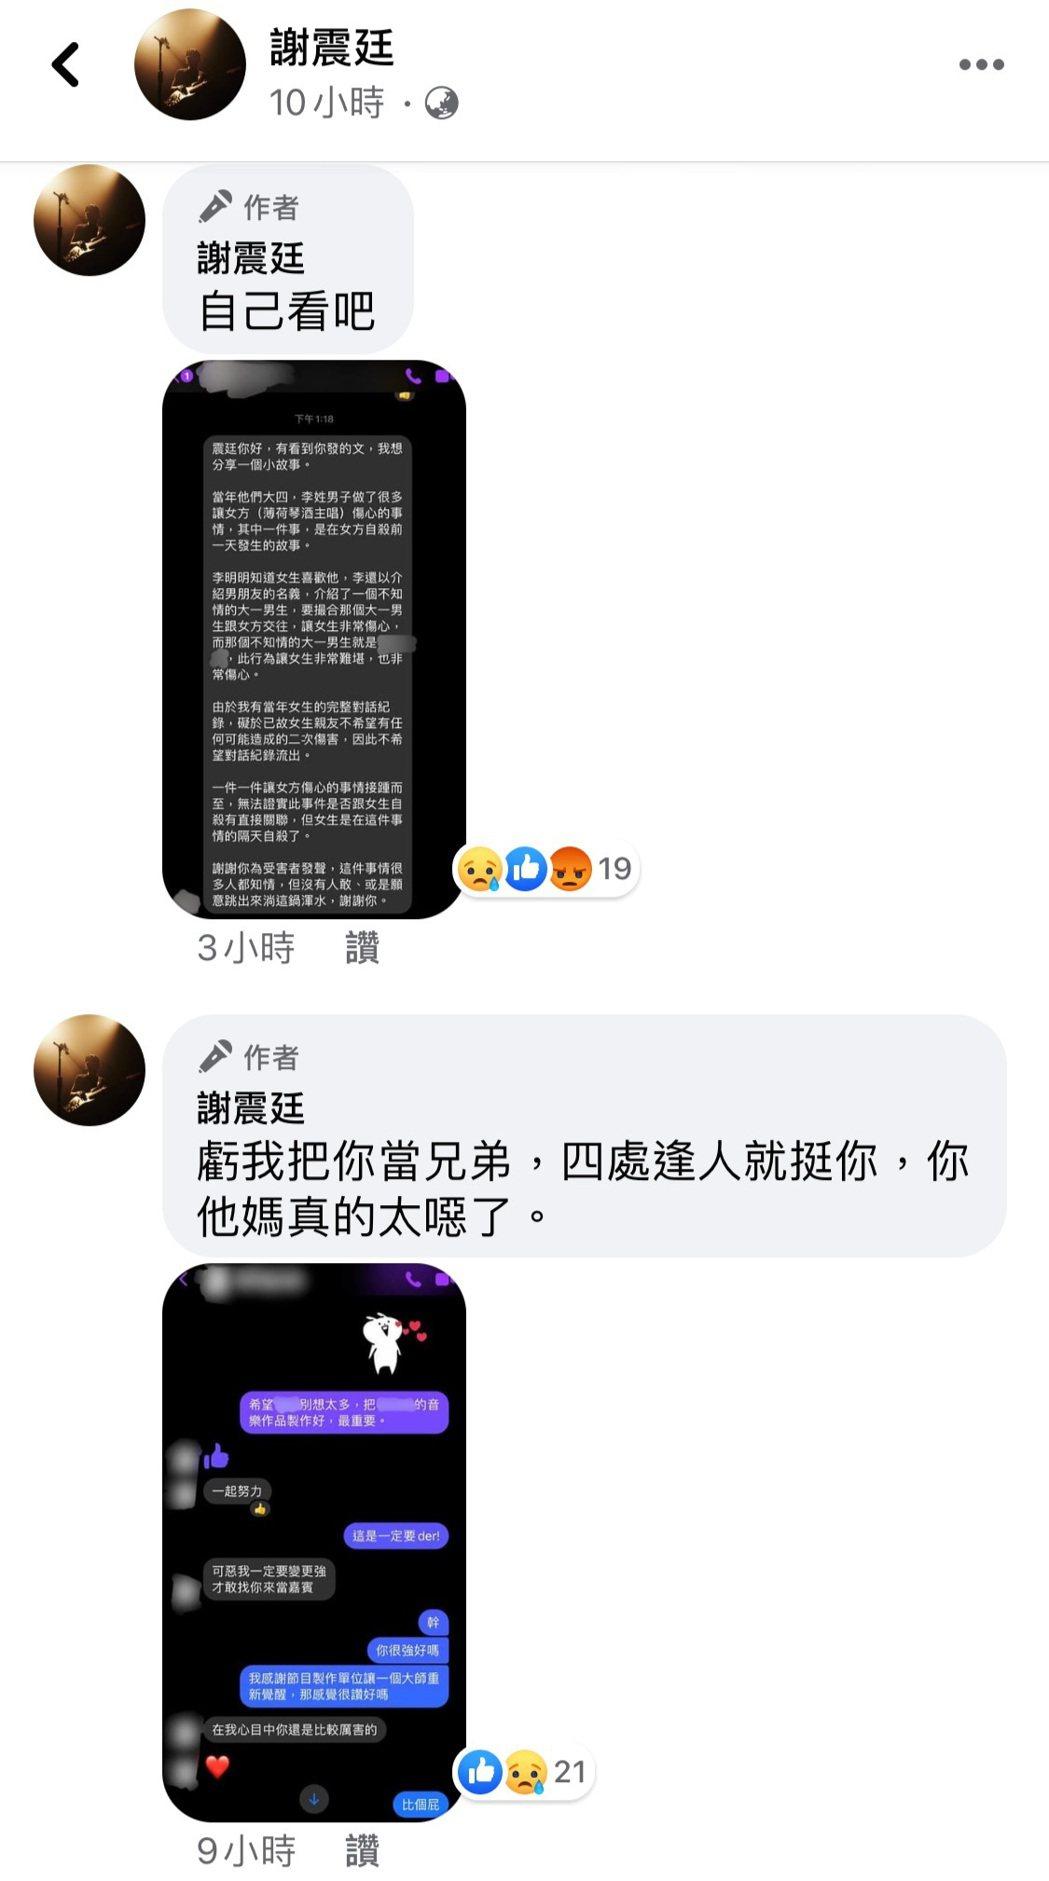 謝震廷表示自己常對外推薦「聲林之王」的冠軍。圖/摘自臉書